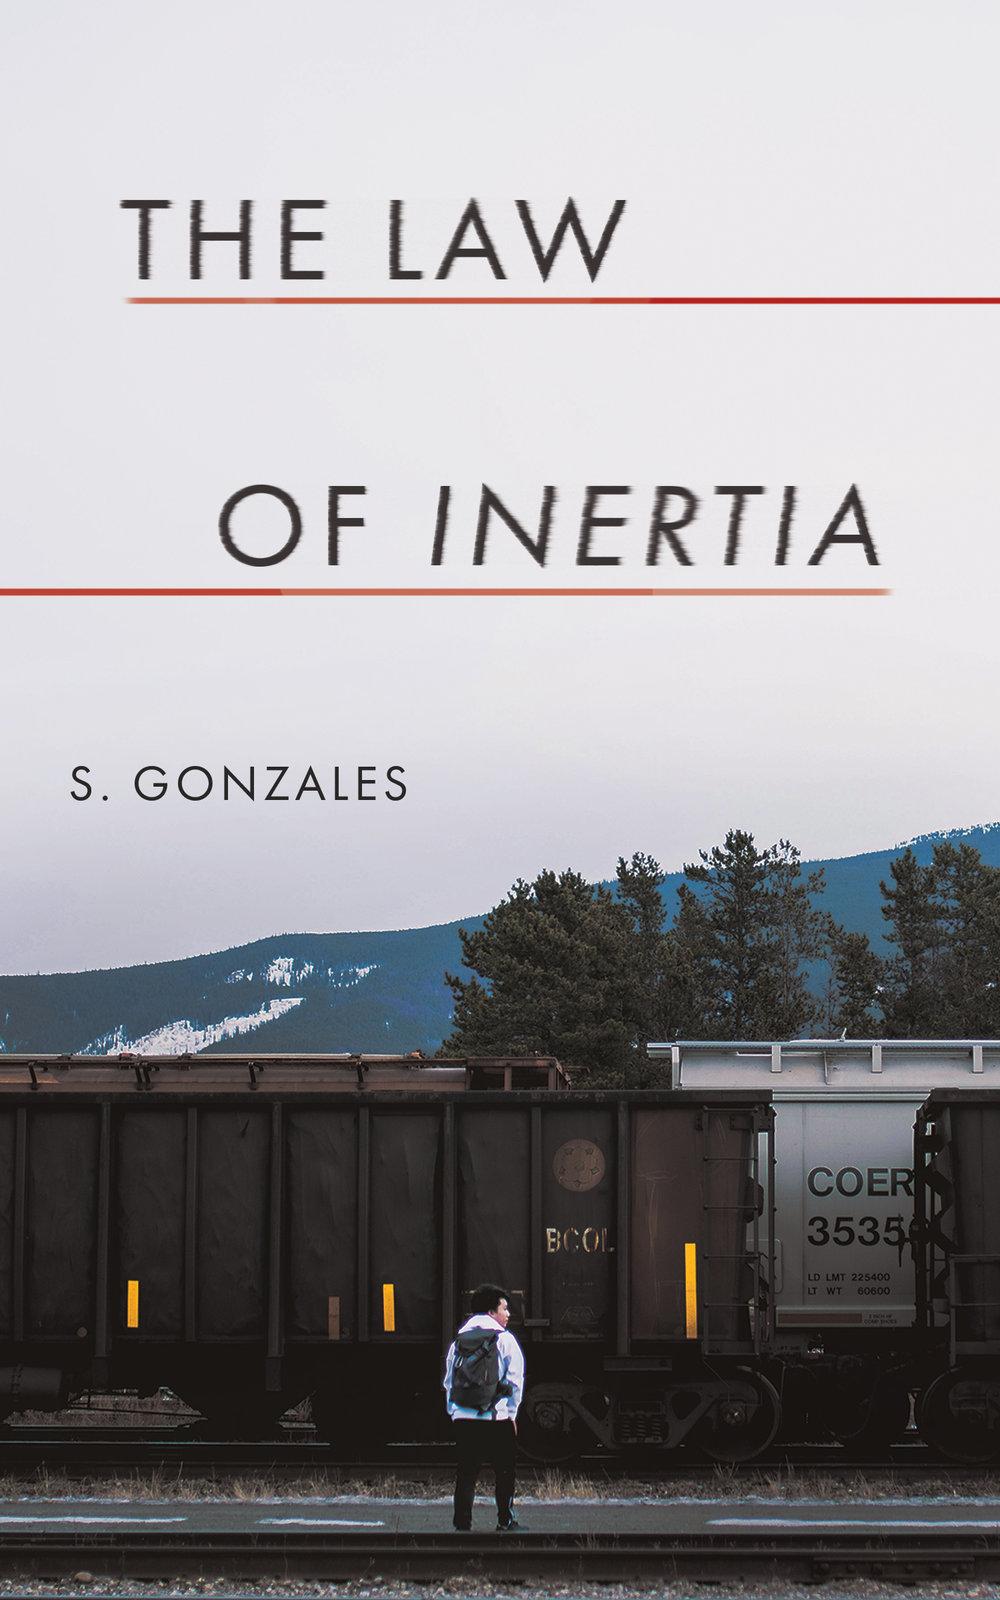 Gonzales S LAW OF INERTIA cover 2018-7-12.jpg